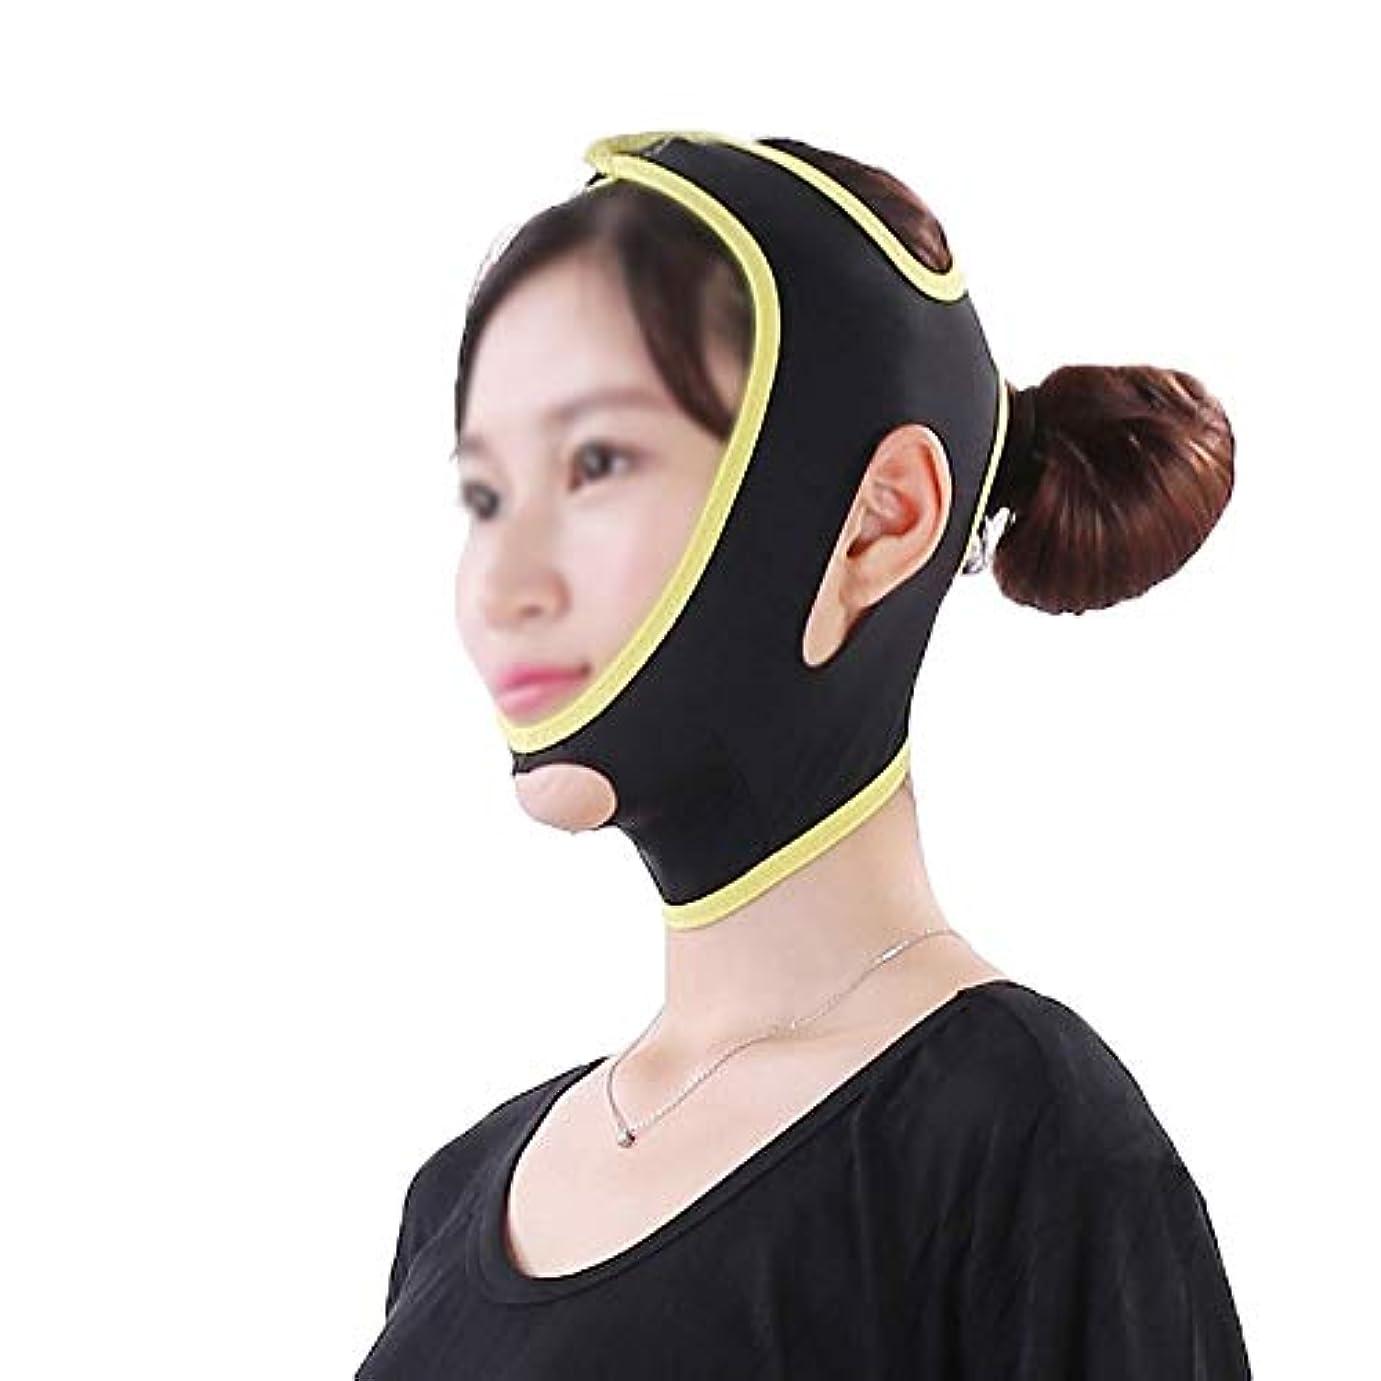 撃退する力ファッションTLMY フェイス&ネックリフトシンフェイスマスクパワフルマスクフェイスリフトアーチファクトフェイスリフトフェイスツールシンフェイス包帯シンフェイスマスク美容マスク 顔用整形マスク (Size : L)